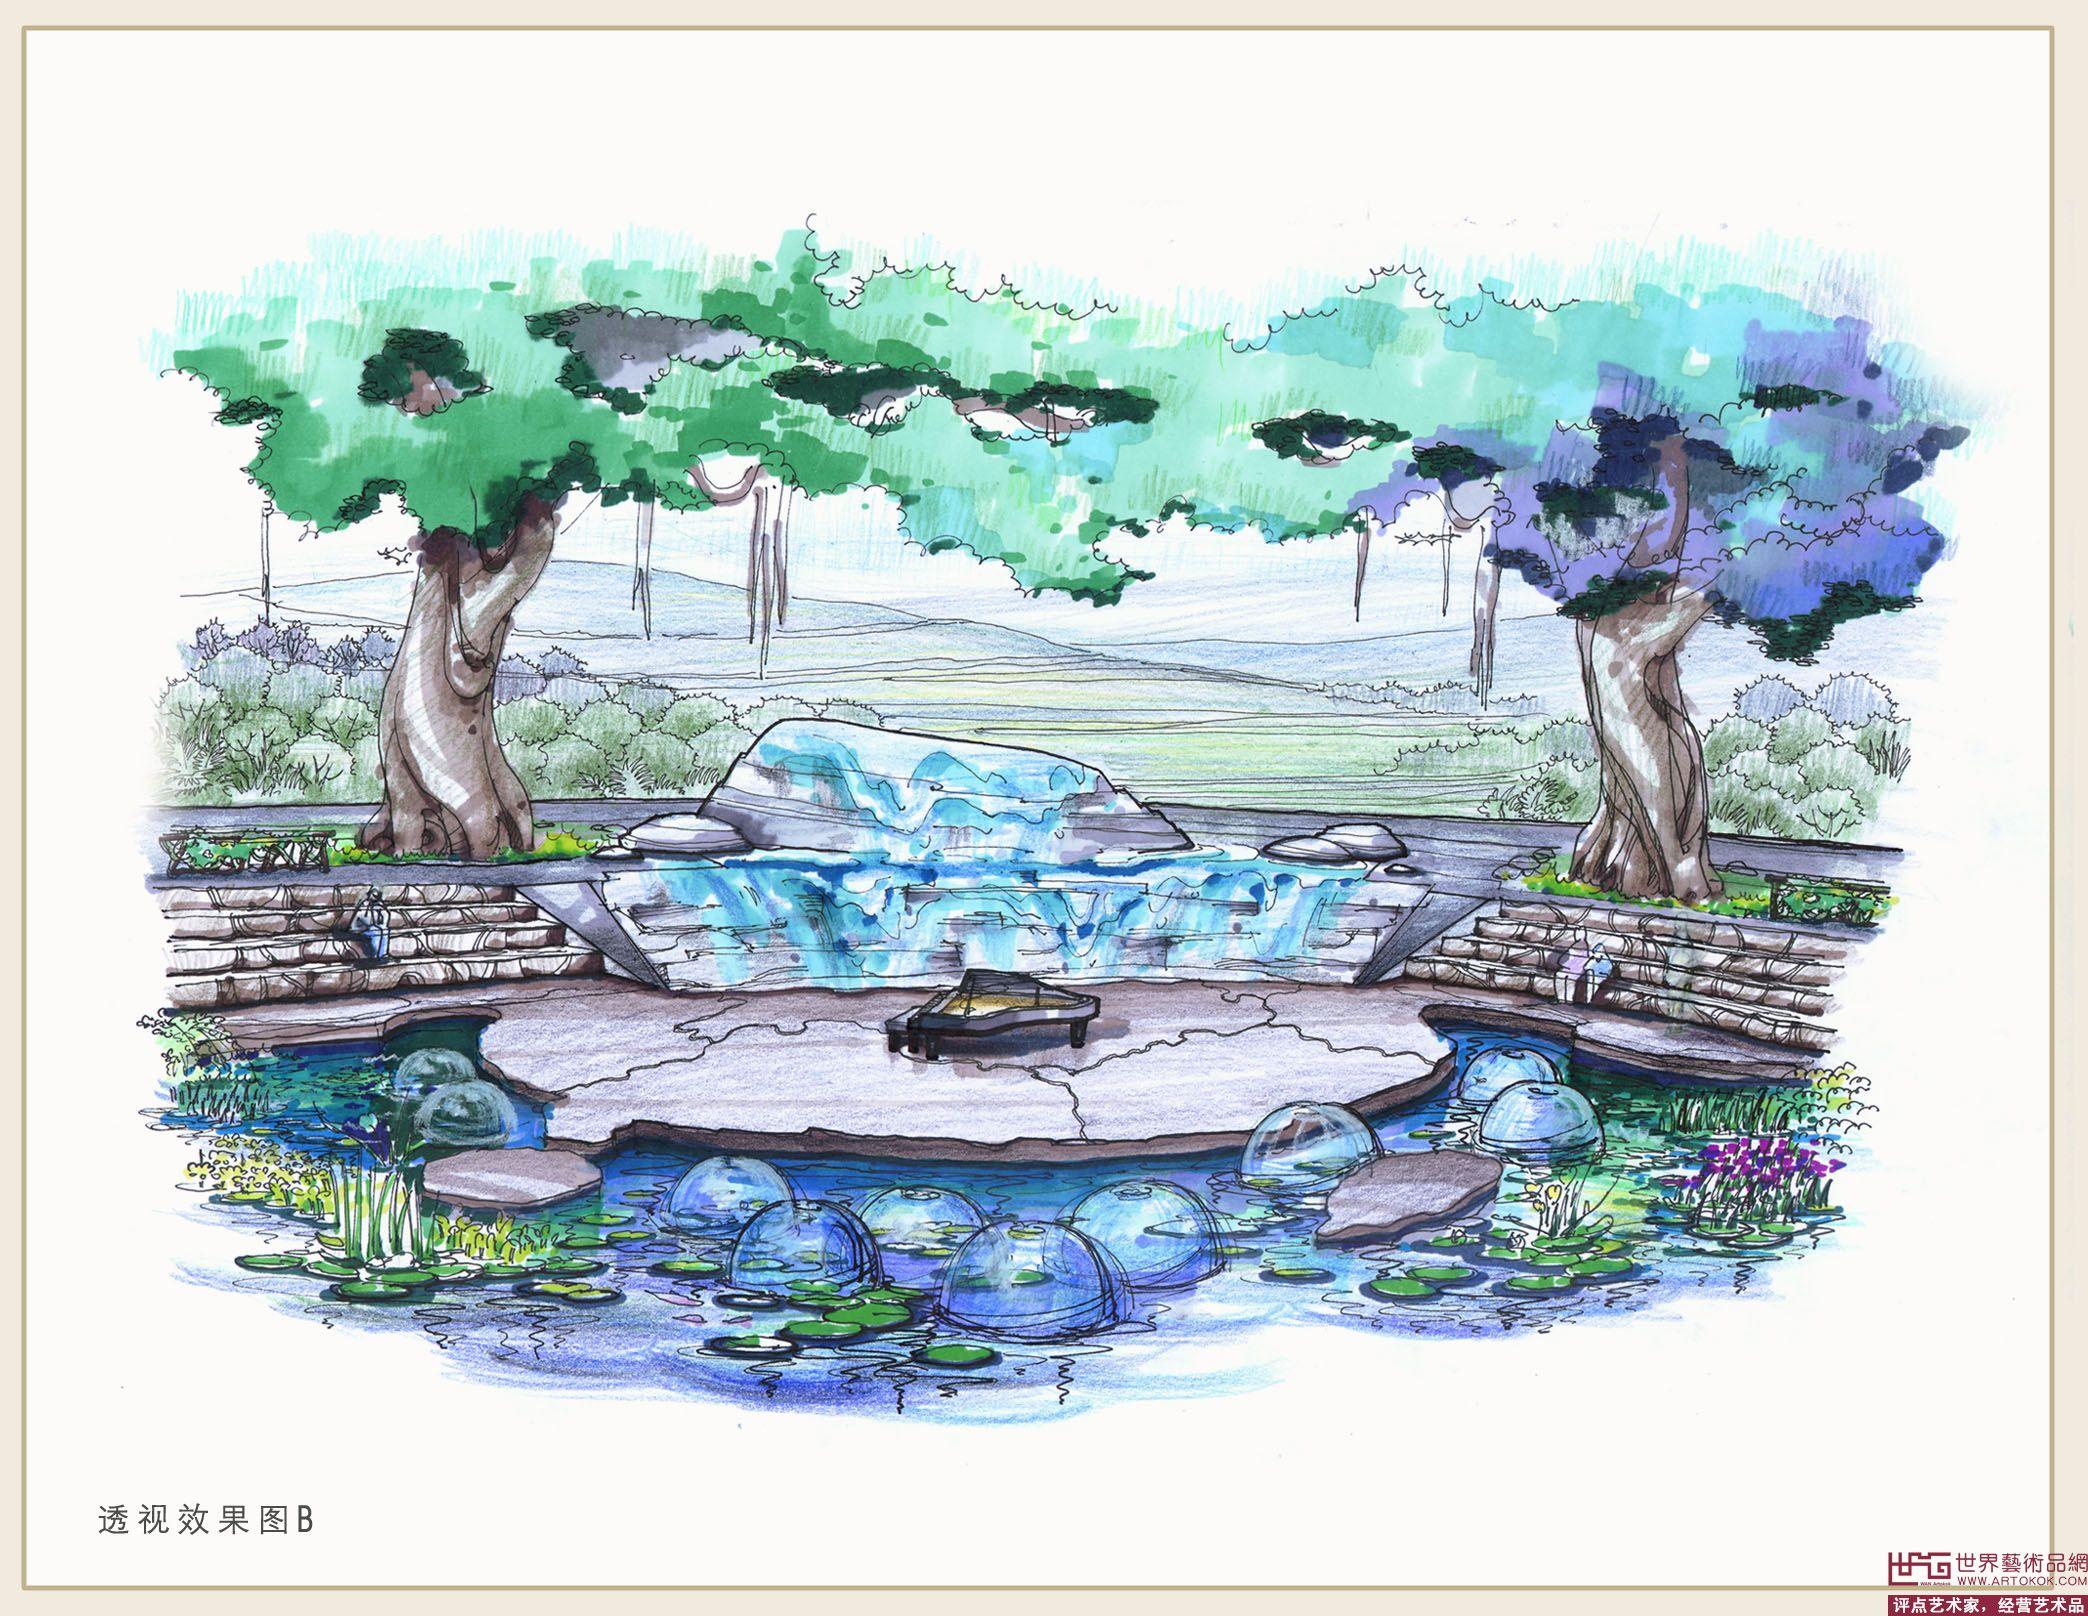 广场环境景观雕塑手绘